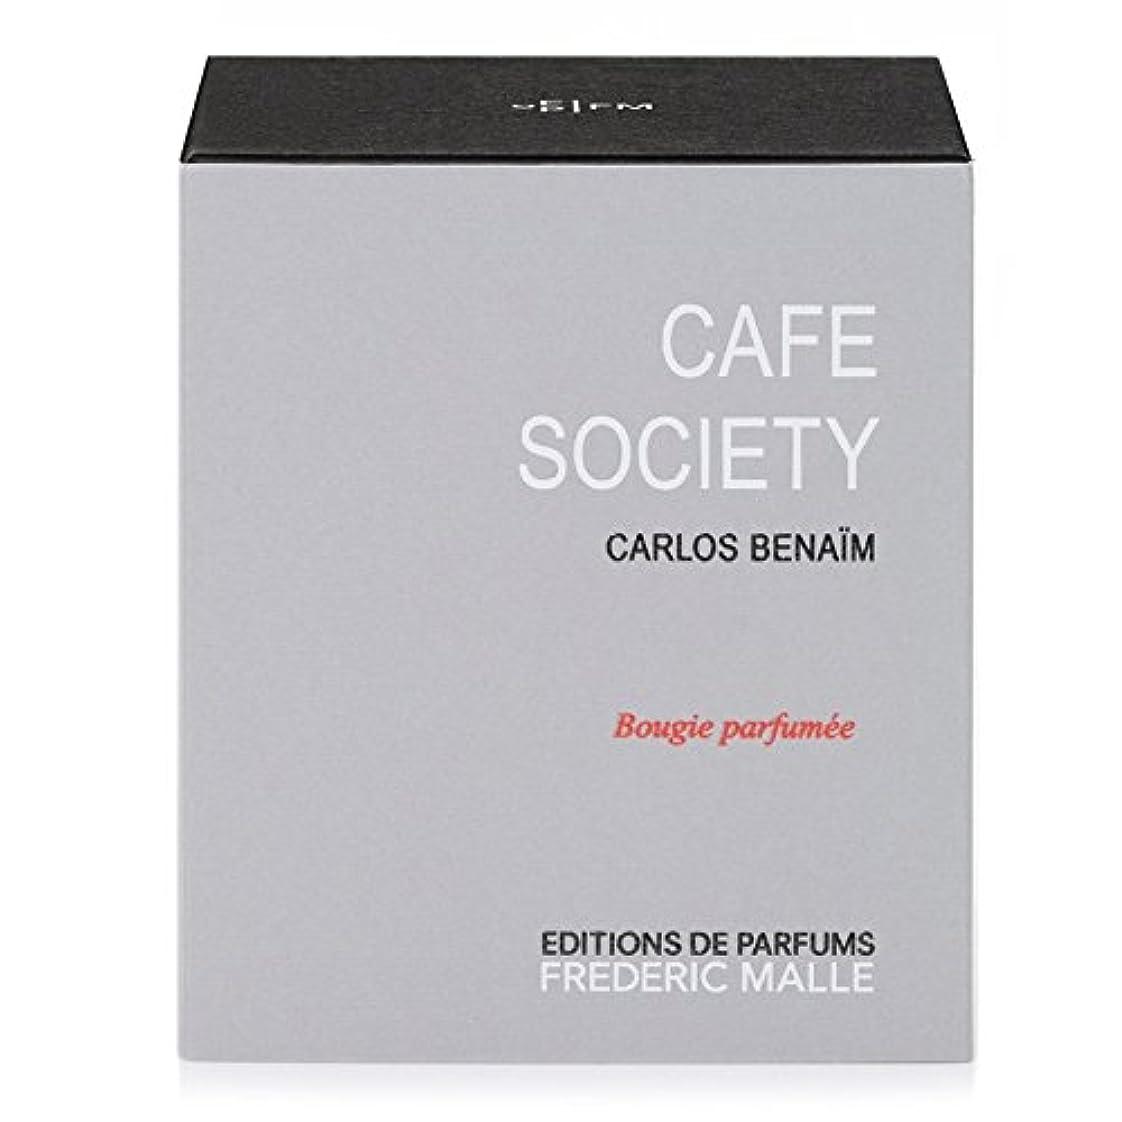 アトラス誤解させるブッシュフレデリック?マルカフェ社会の香りのキャンドル220グラム x6 - Frederic Malle Cafe Society Scented Candle 220g (Pack of 6) [並行輸入品]